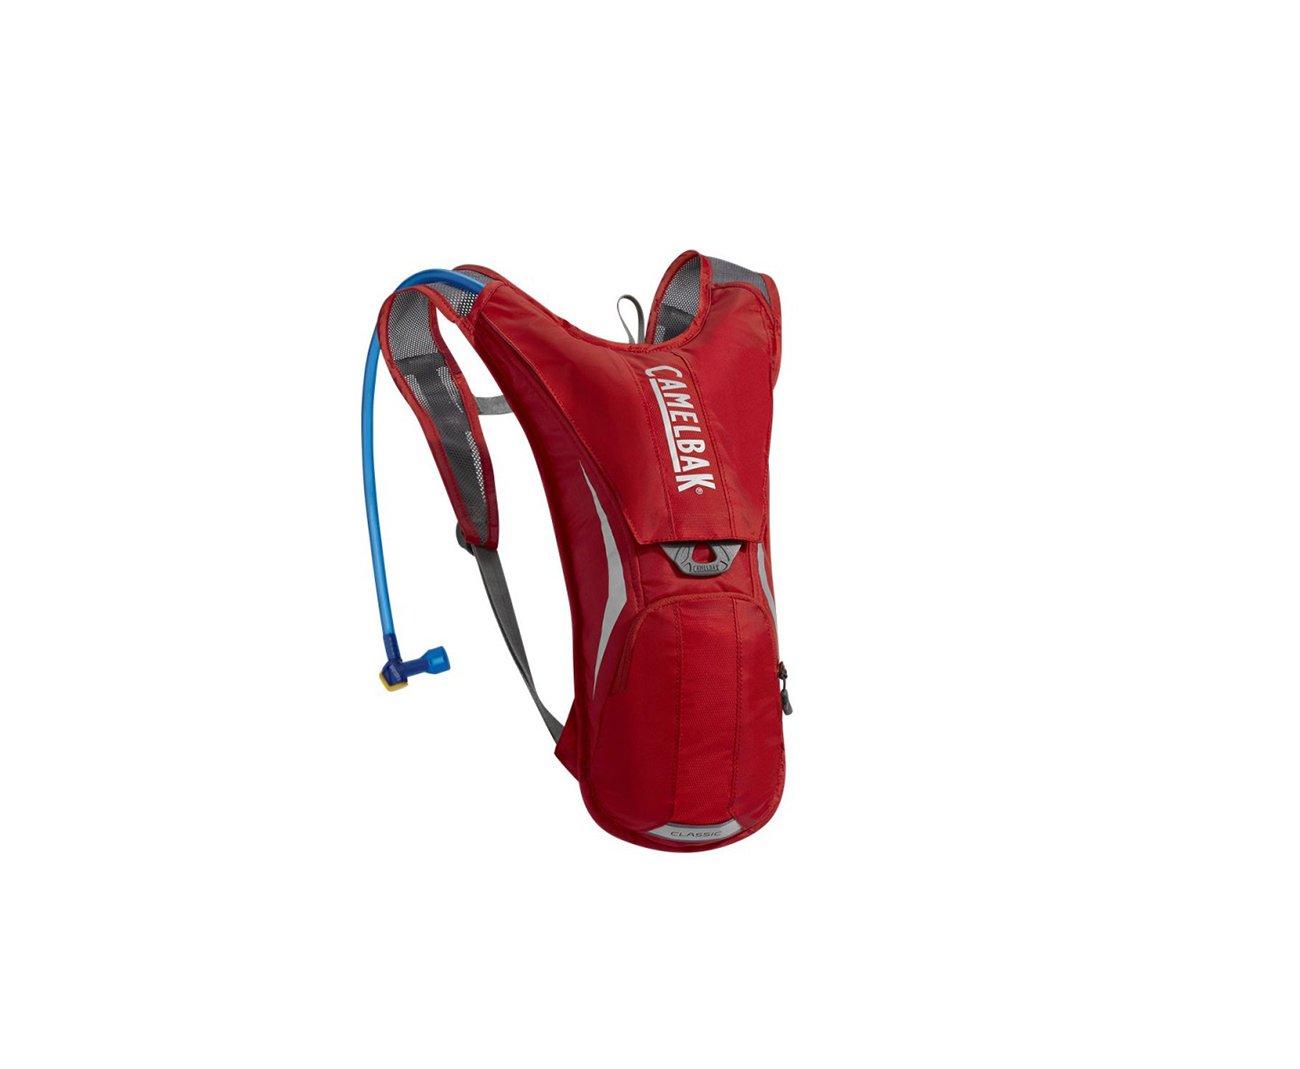 Mochila De Hidratação Classic 2 L Vermelha - Camelbak